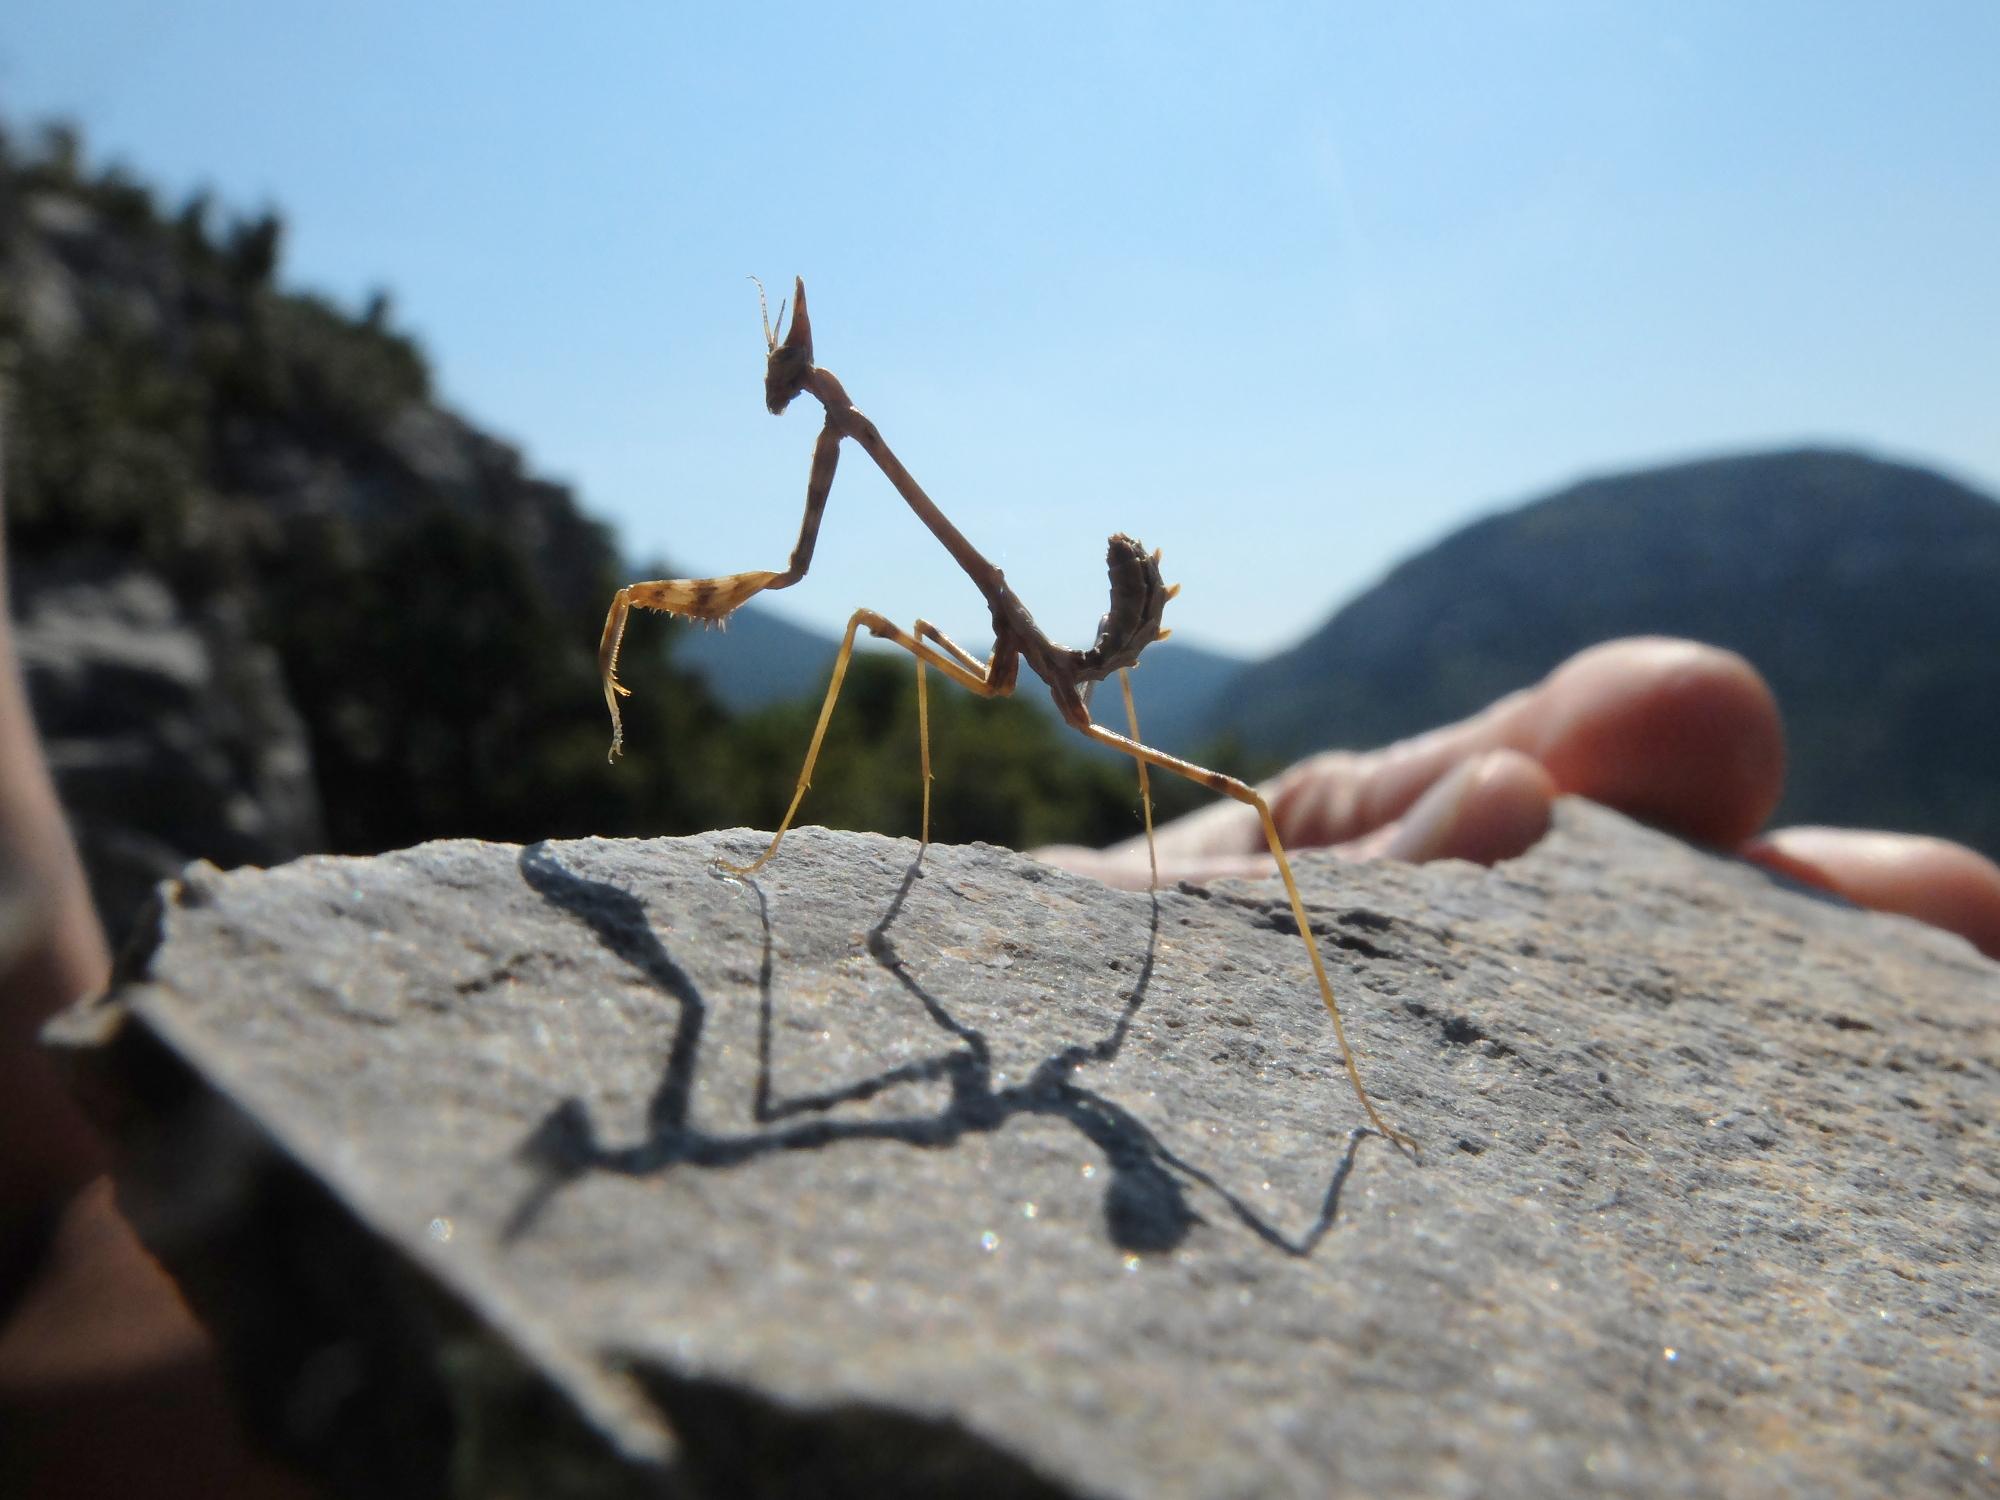 Empuse commune - Empusa pennata / Conehead mantis